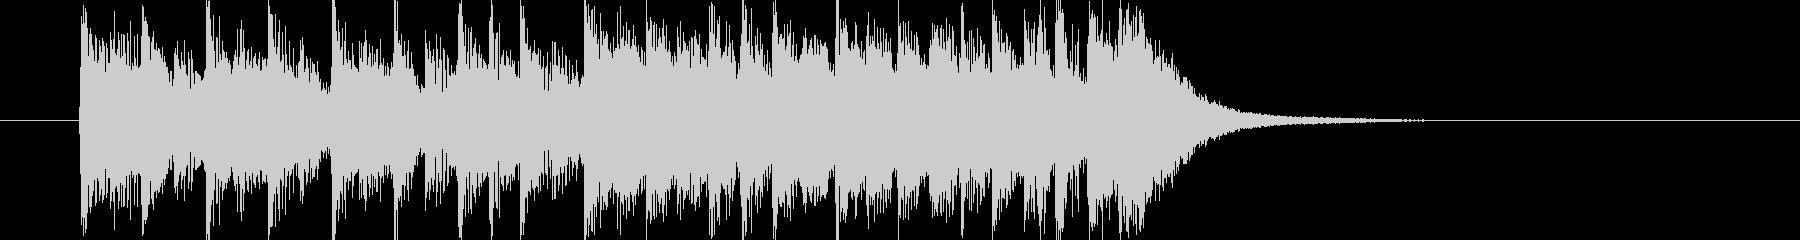 打楽器と吹奏楽による短い演出の未再生の波形